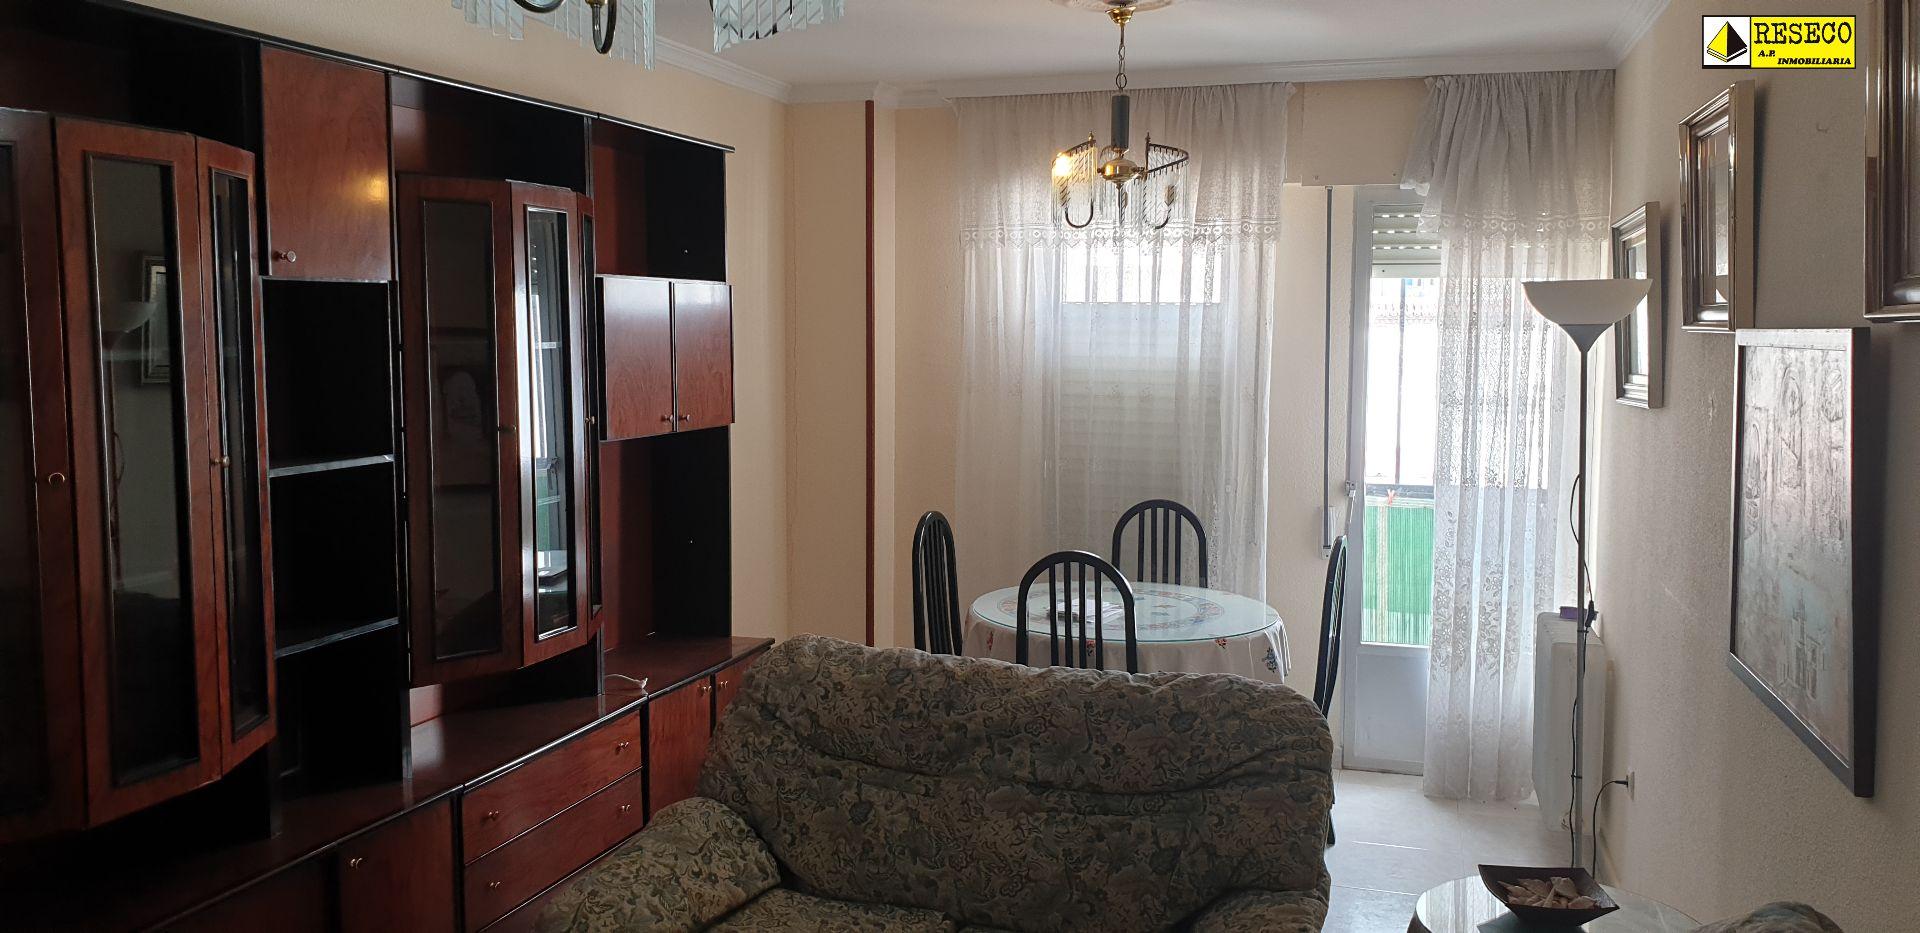 Apartamento en Villanueva de la Serena, venta